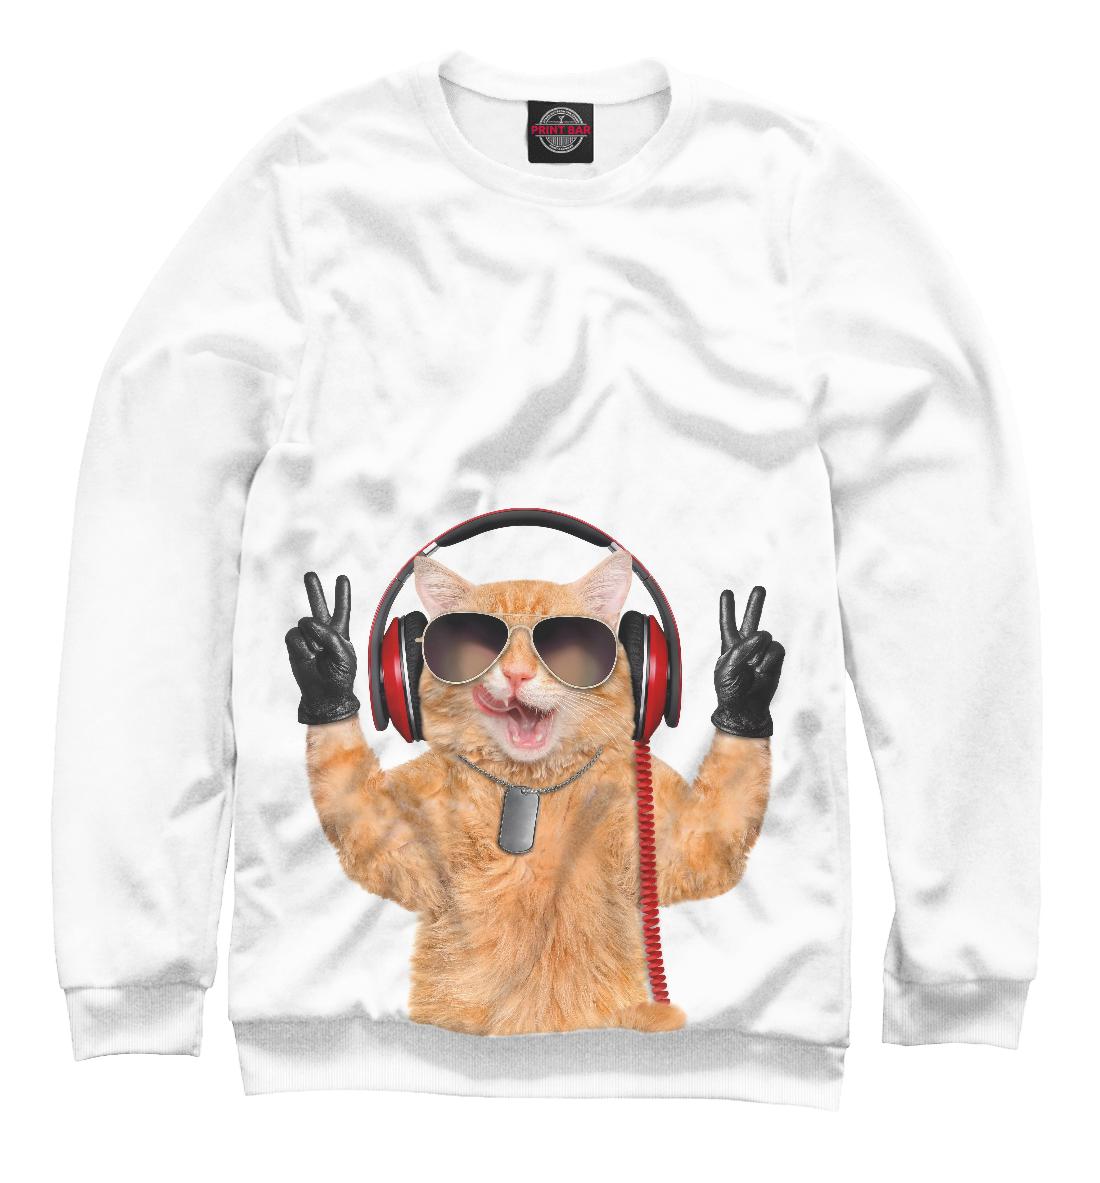 Фото - Кот в наушниках кот в портале